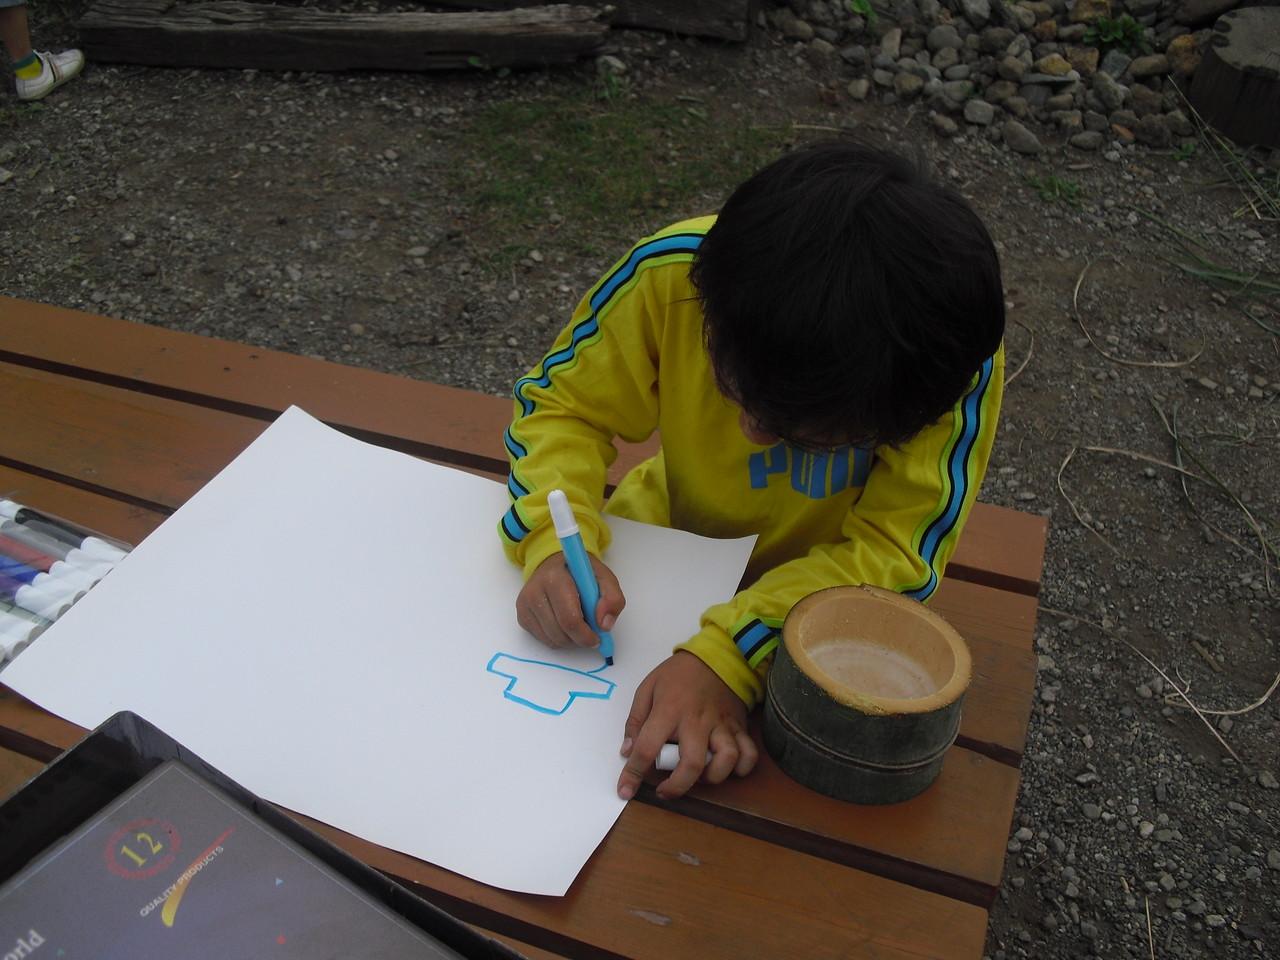 その後紙に絵を描きます。